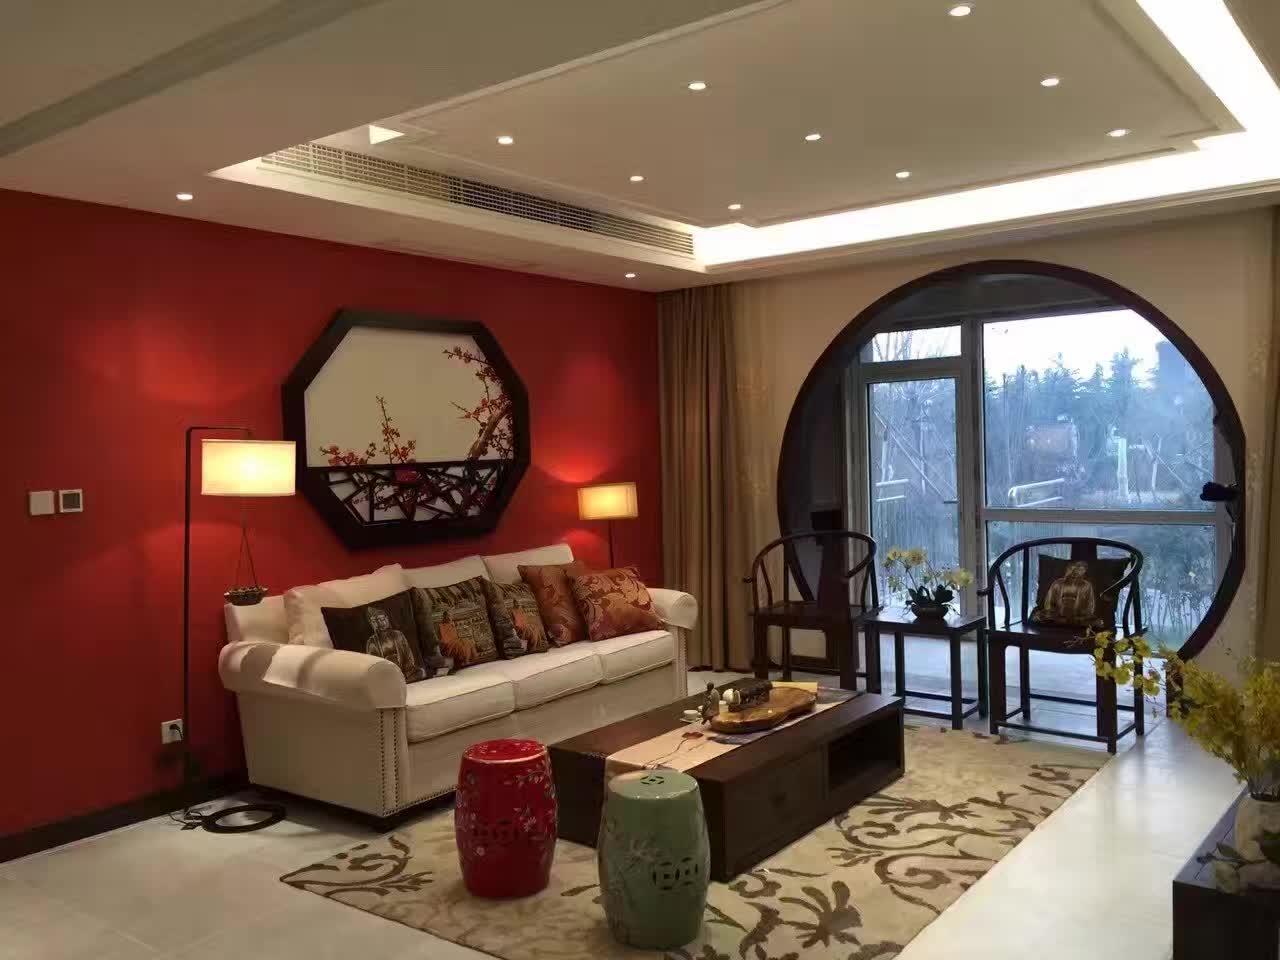 别墅客厅装修效果图报价 别墅客厅装修效果图新中式风格设计